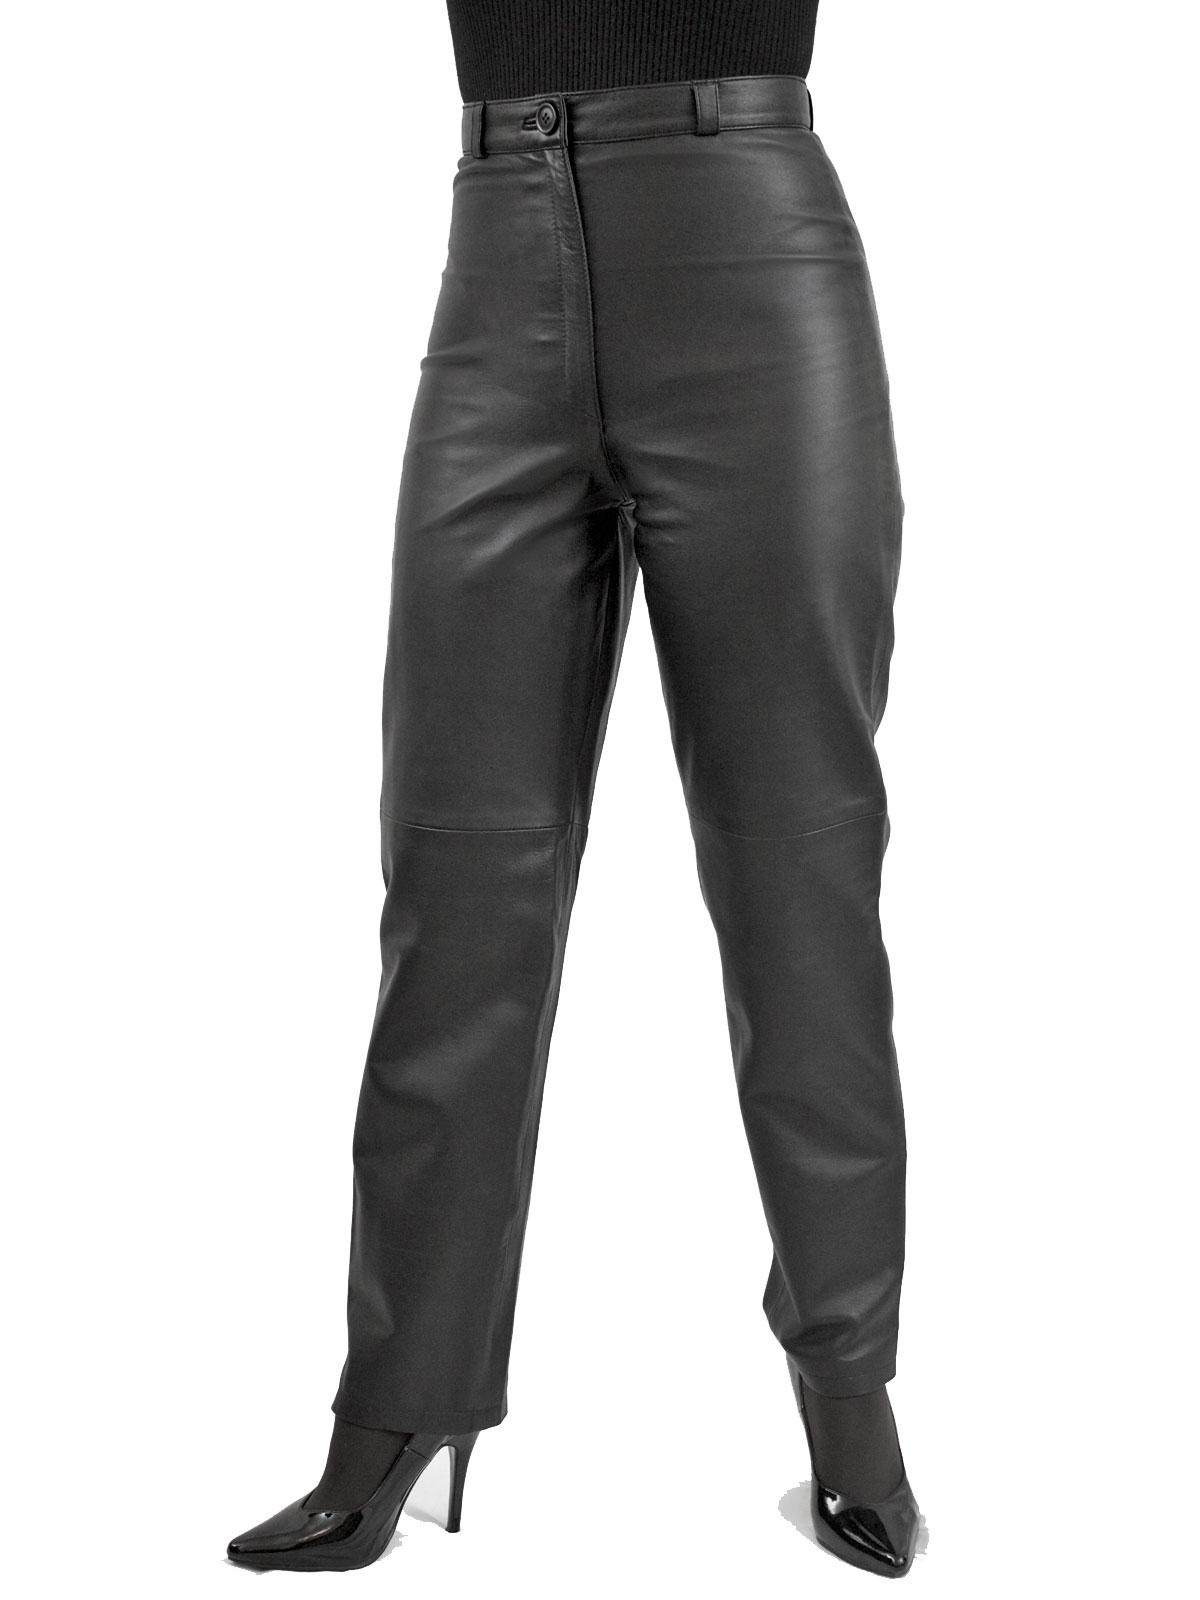 3b5b758635e Womens Black Leather Trousers - Tout Ensemble